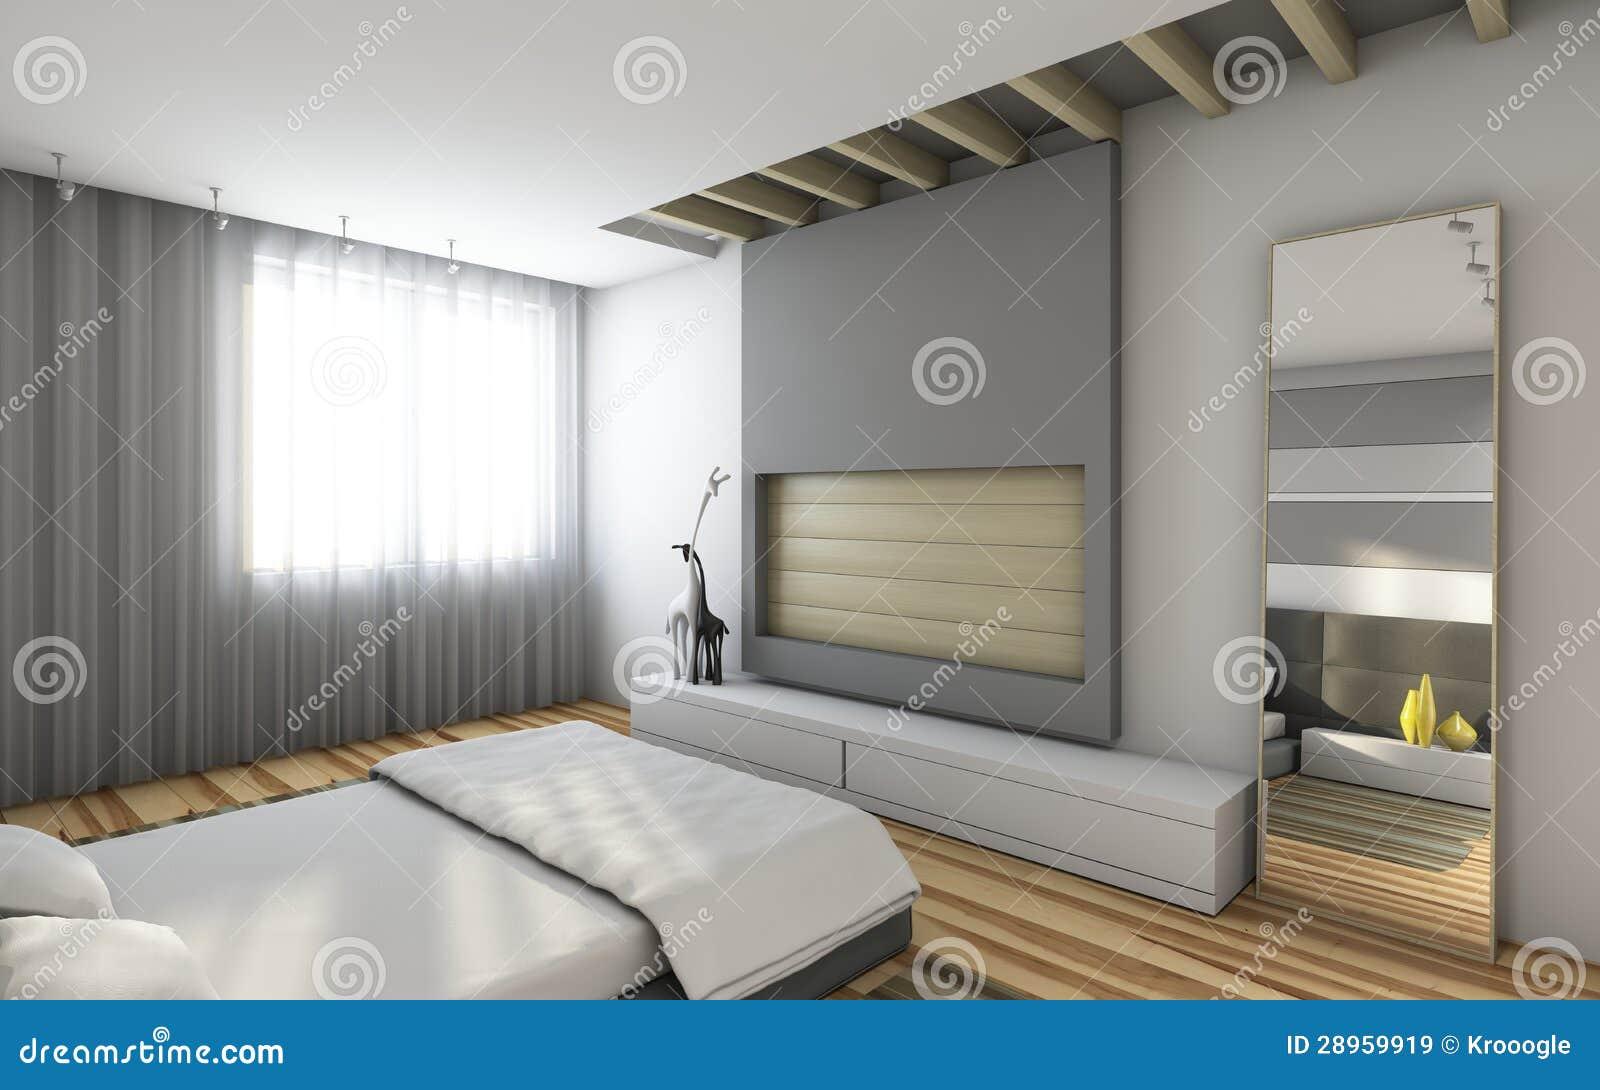 Camera da letto grigia immagini stock libere da diritti - Camera da letto grigia ...